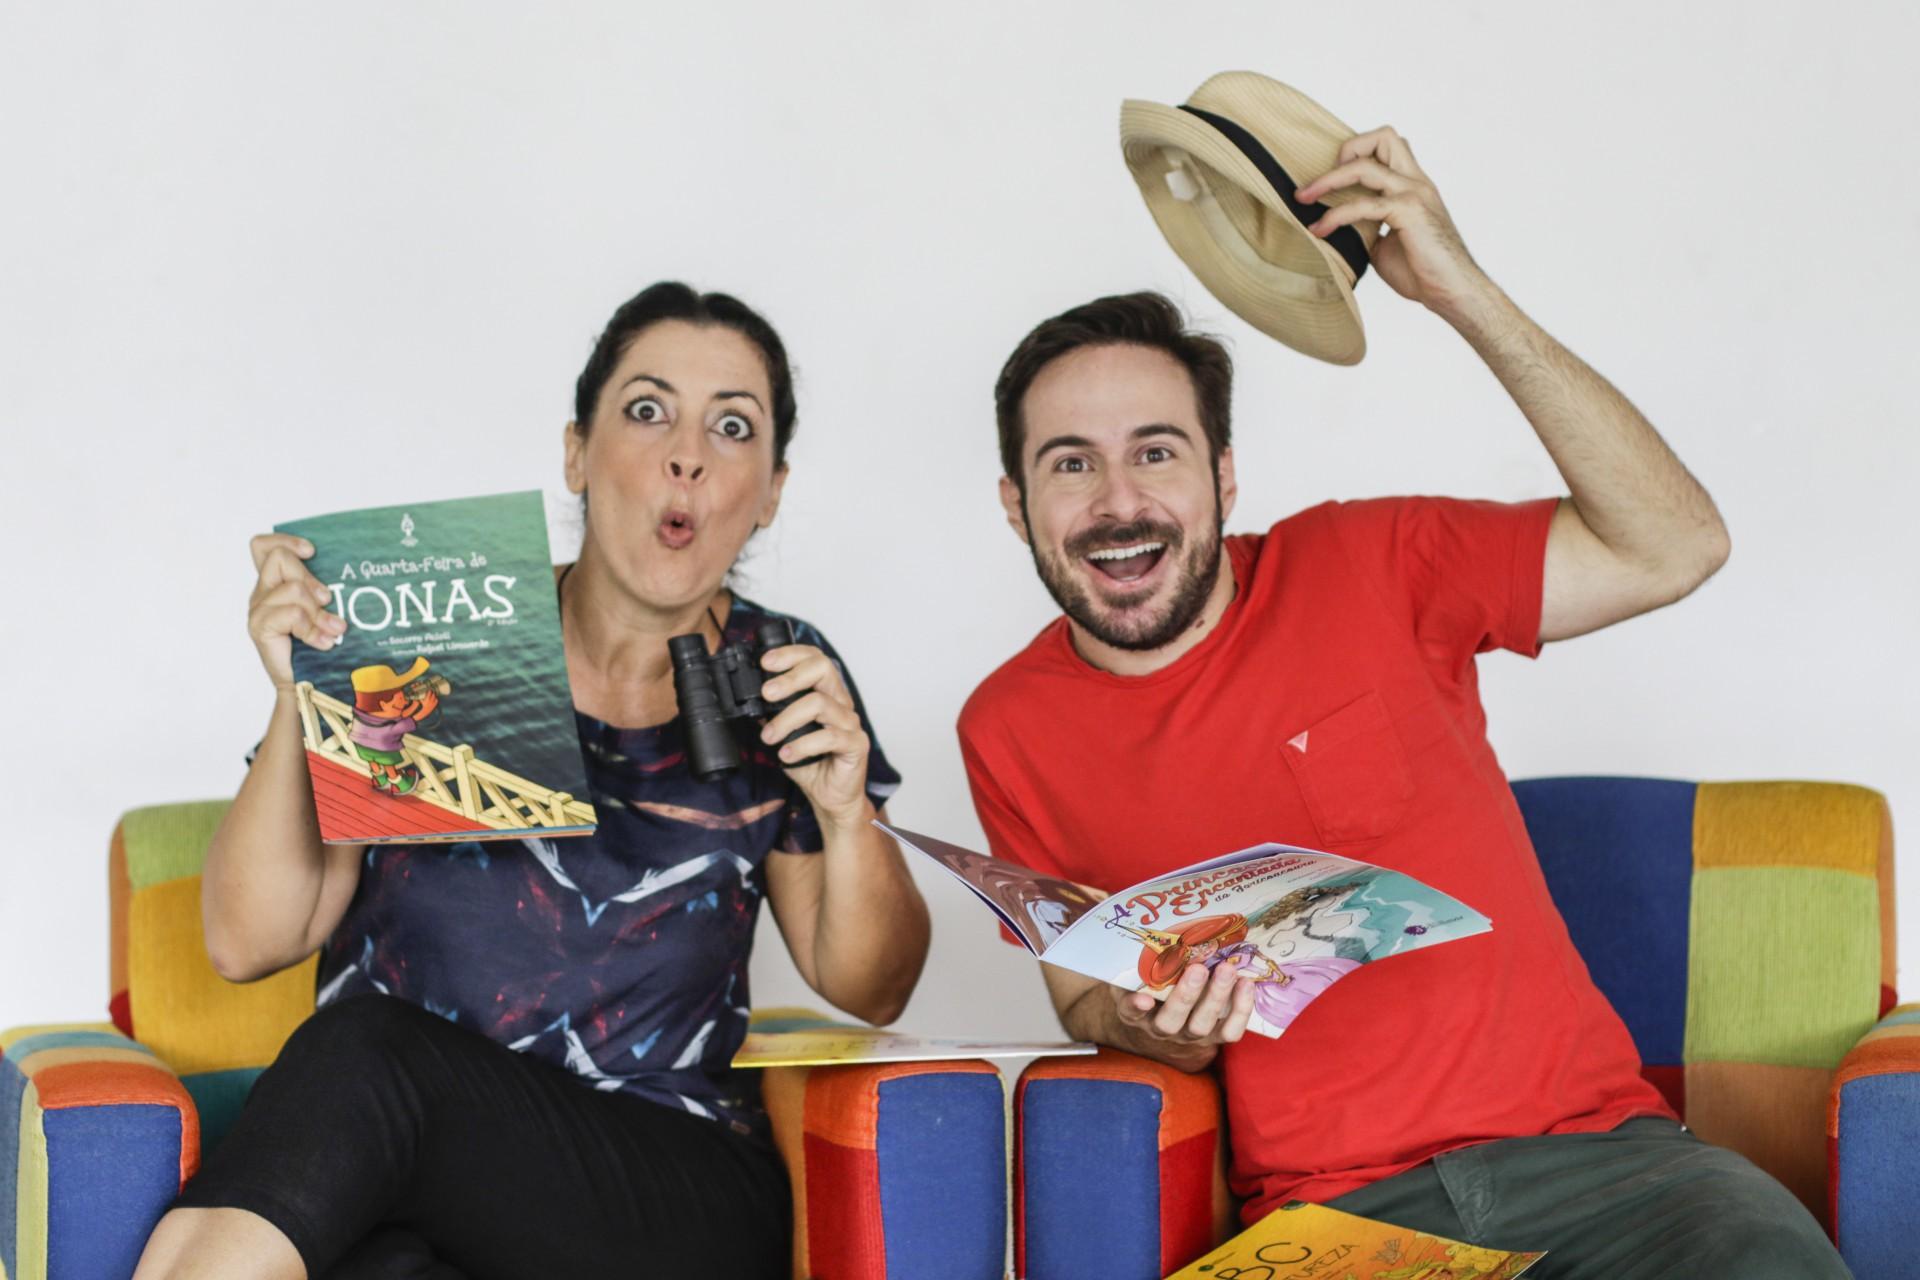 FORTALEZA, CE, BRASIL, 26.08.2020: Tatiana Conde, contadora de histórias que vai participar do Palco Vida&Arte  (Foto: Thais Mesquita/O POVO)